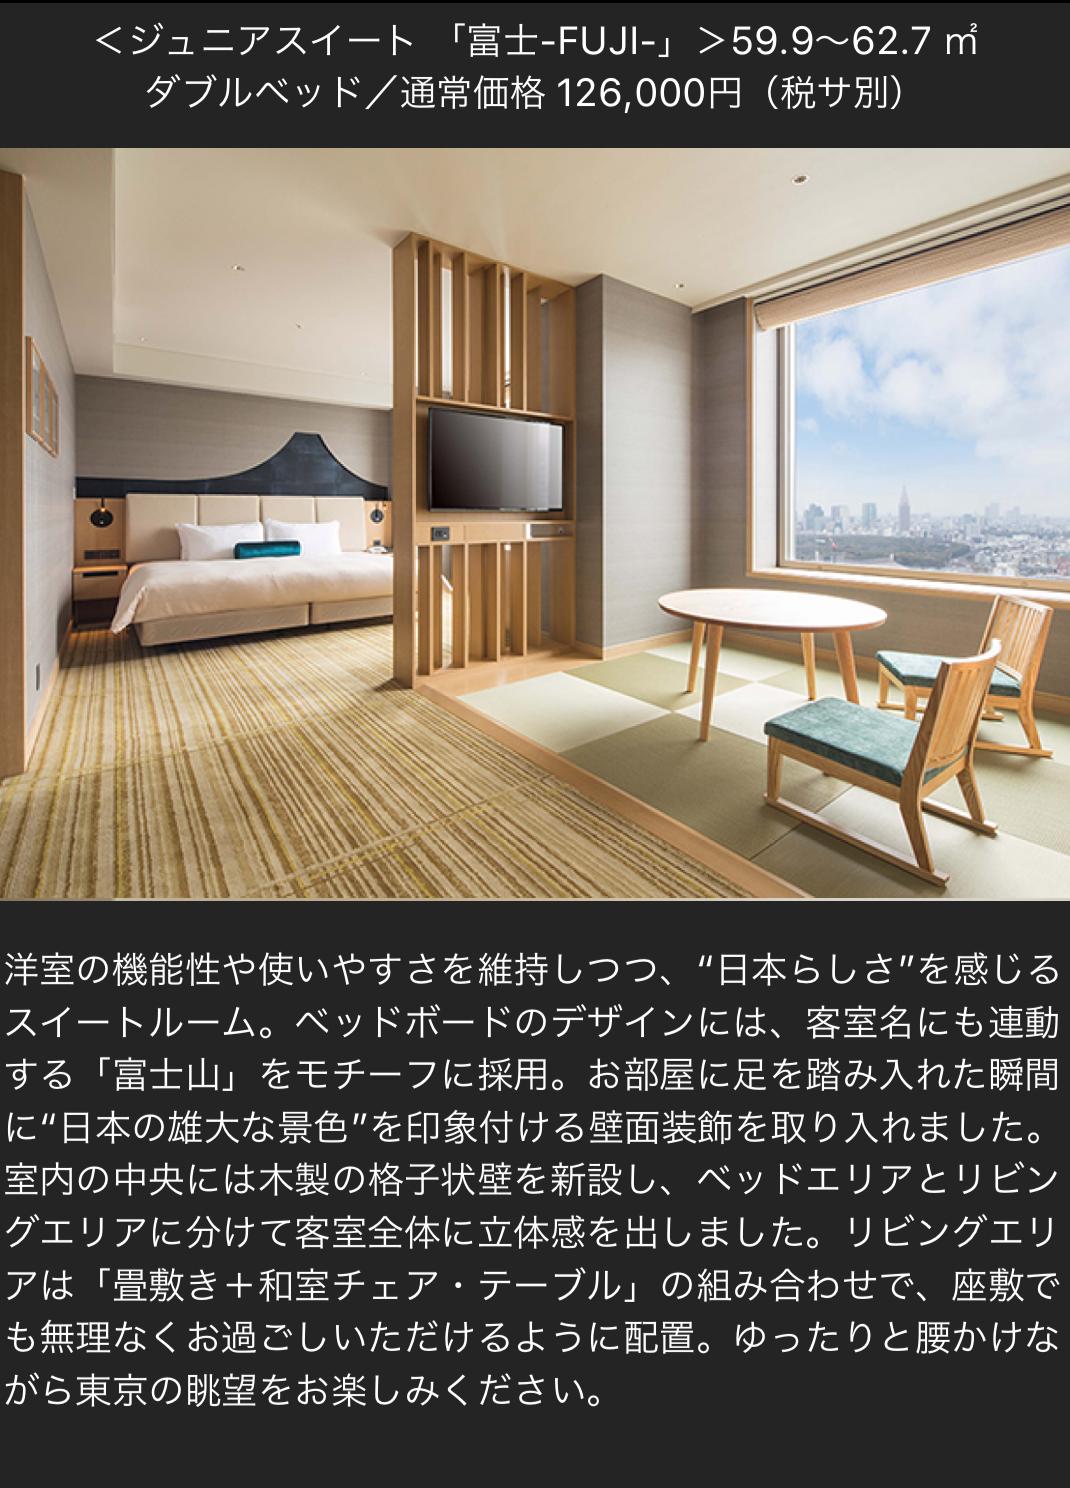 ラグジュアリーカードのセルリアンタワー東急ホテル宿泊プラン (5)